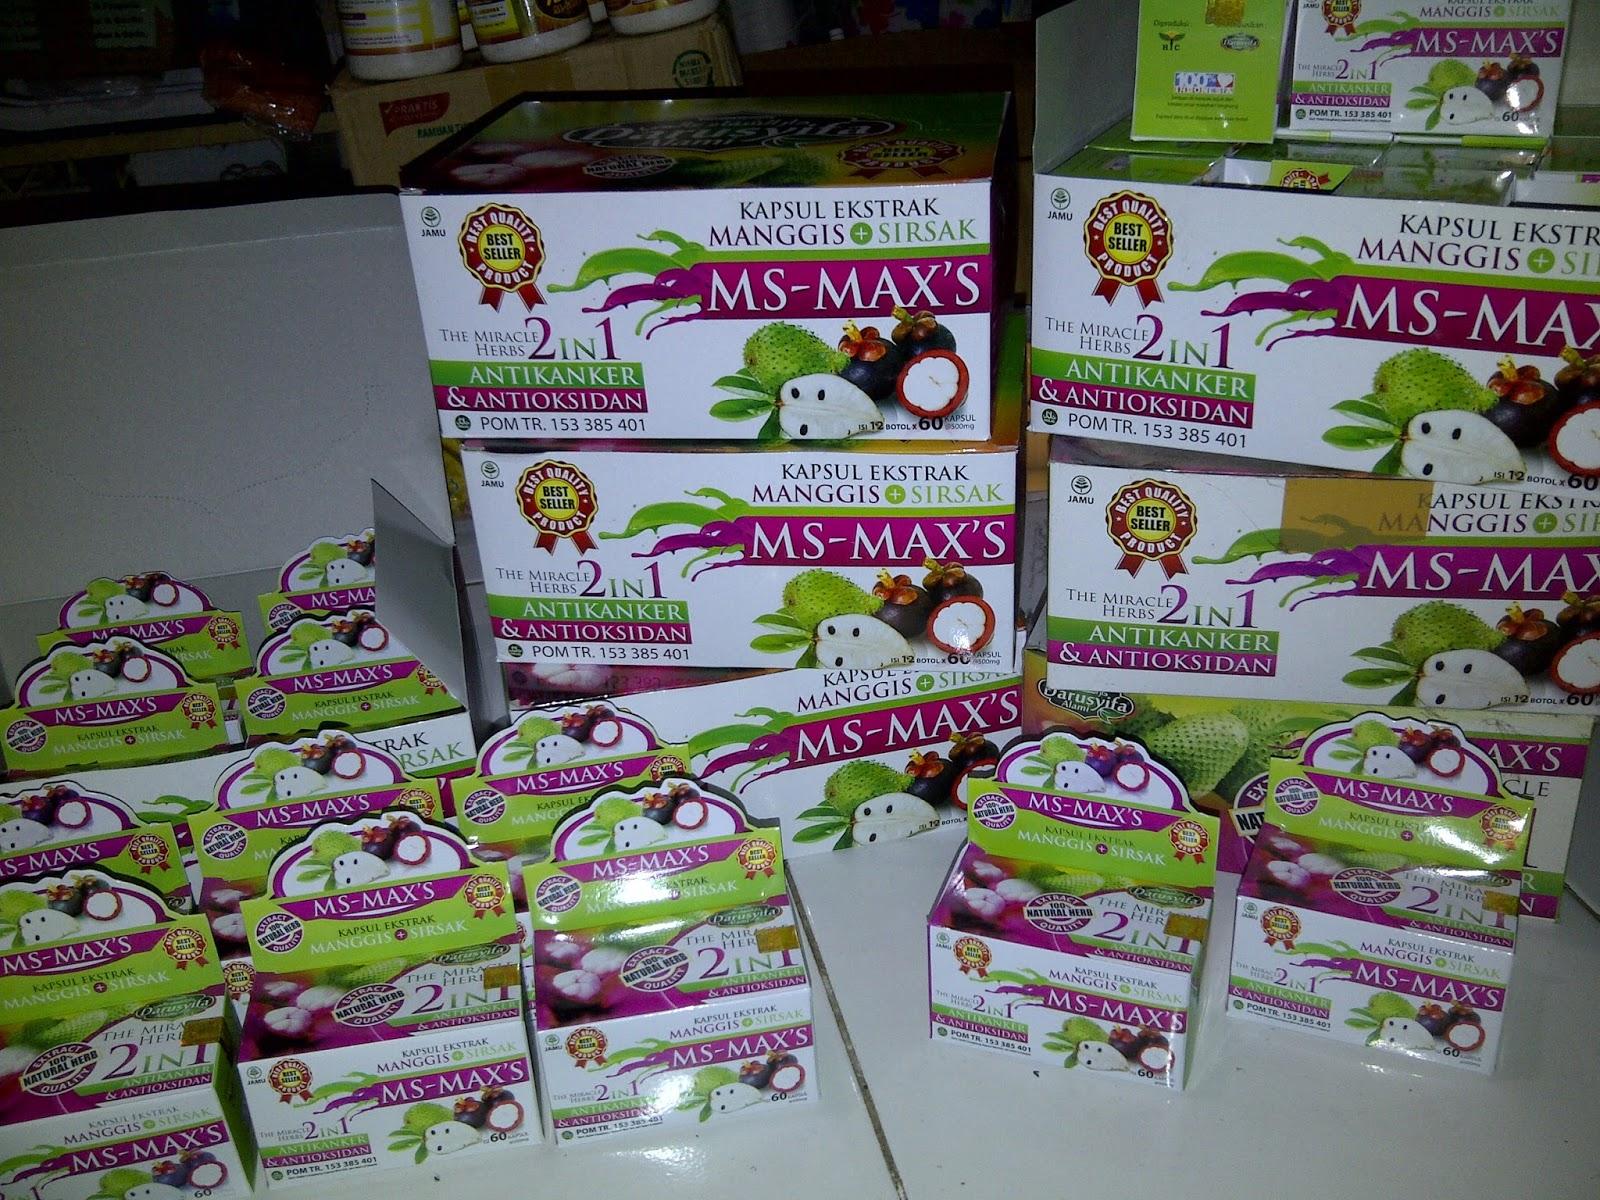 MS-MAX`S Kapsul Ekstrak Manggis dan Sirsak